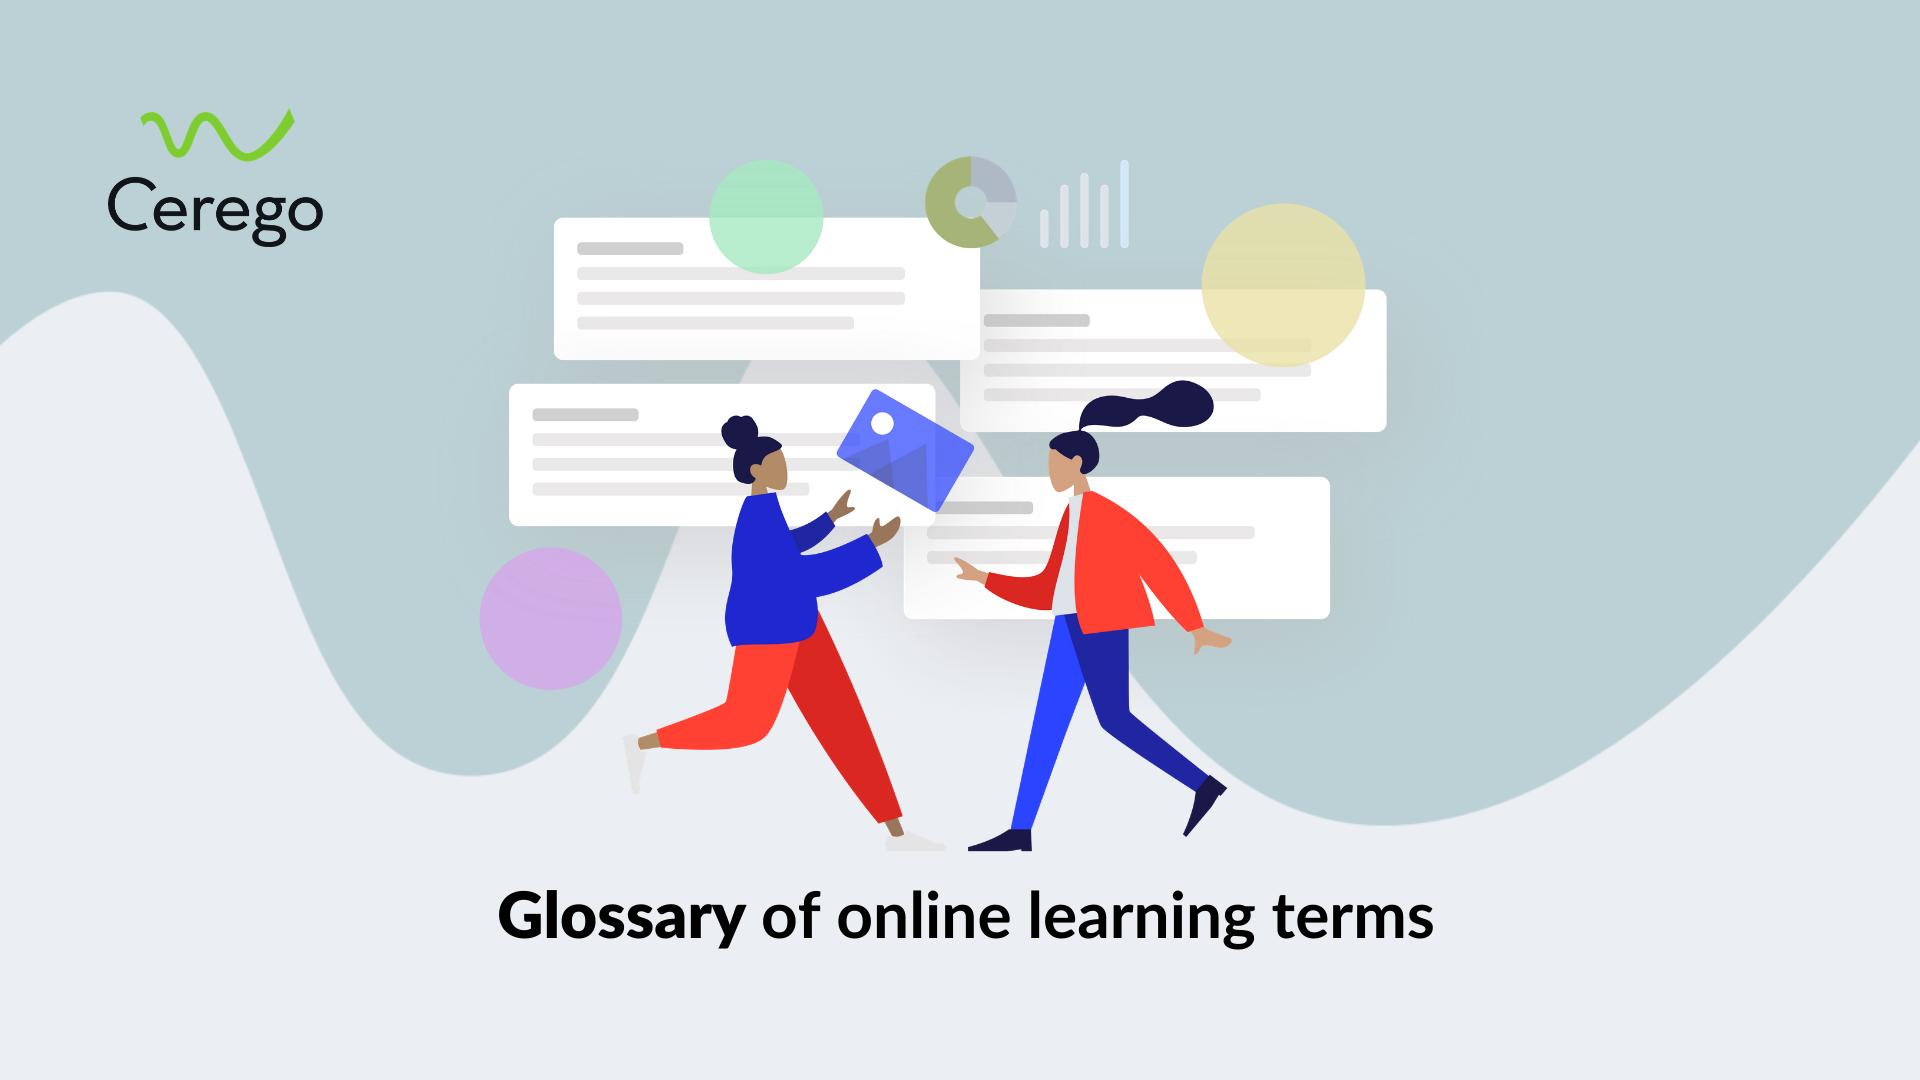 Cerego Glossary